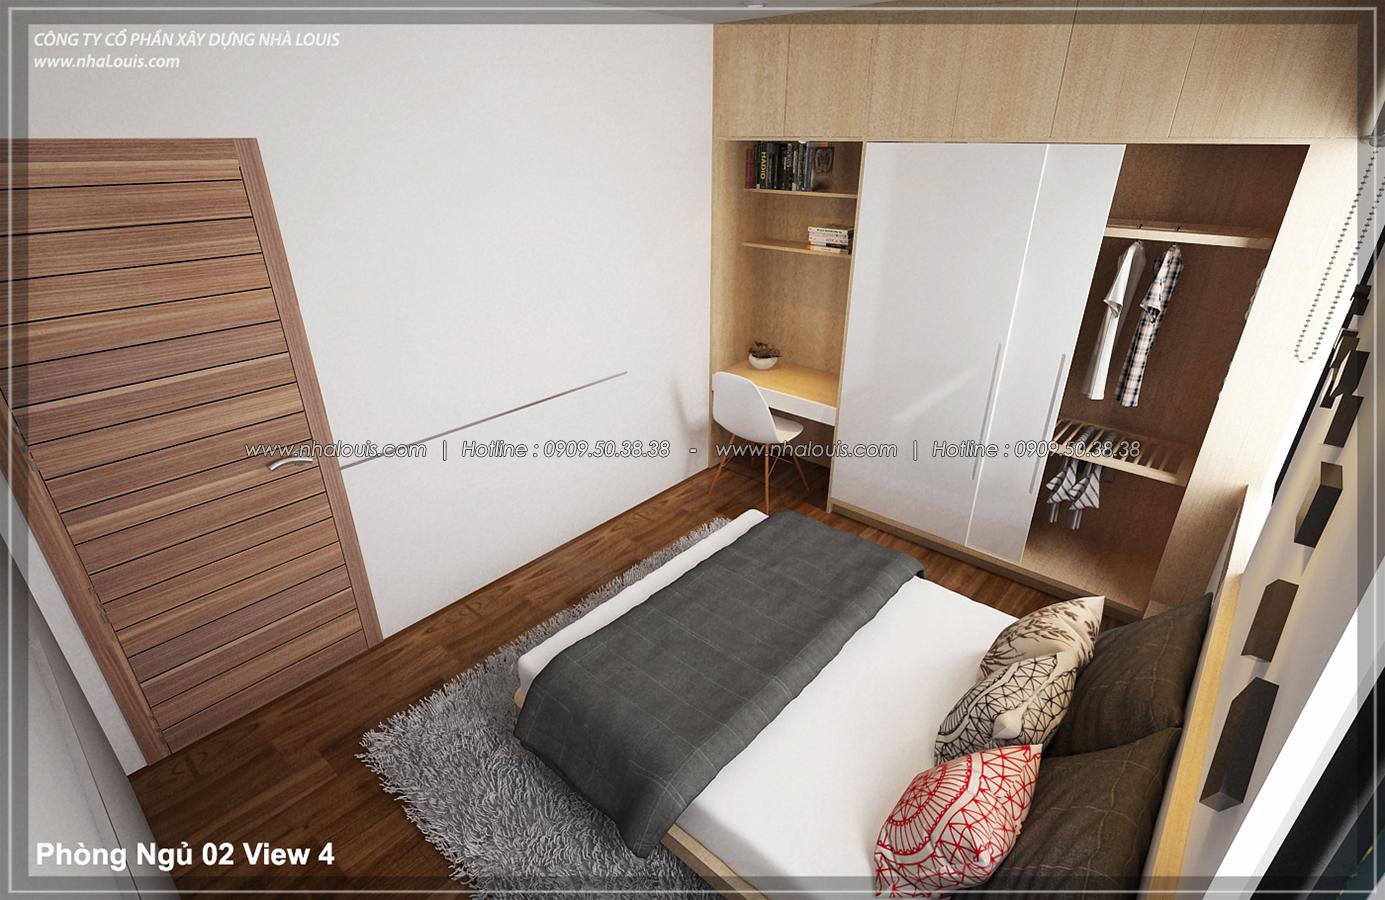 Thiết kế biệt thự 3 tầng đẹp đẳng cấp ngay tại dự án Lucasta Villa Quận 9 - 32